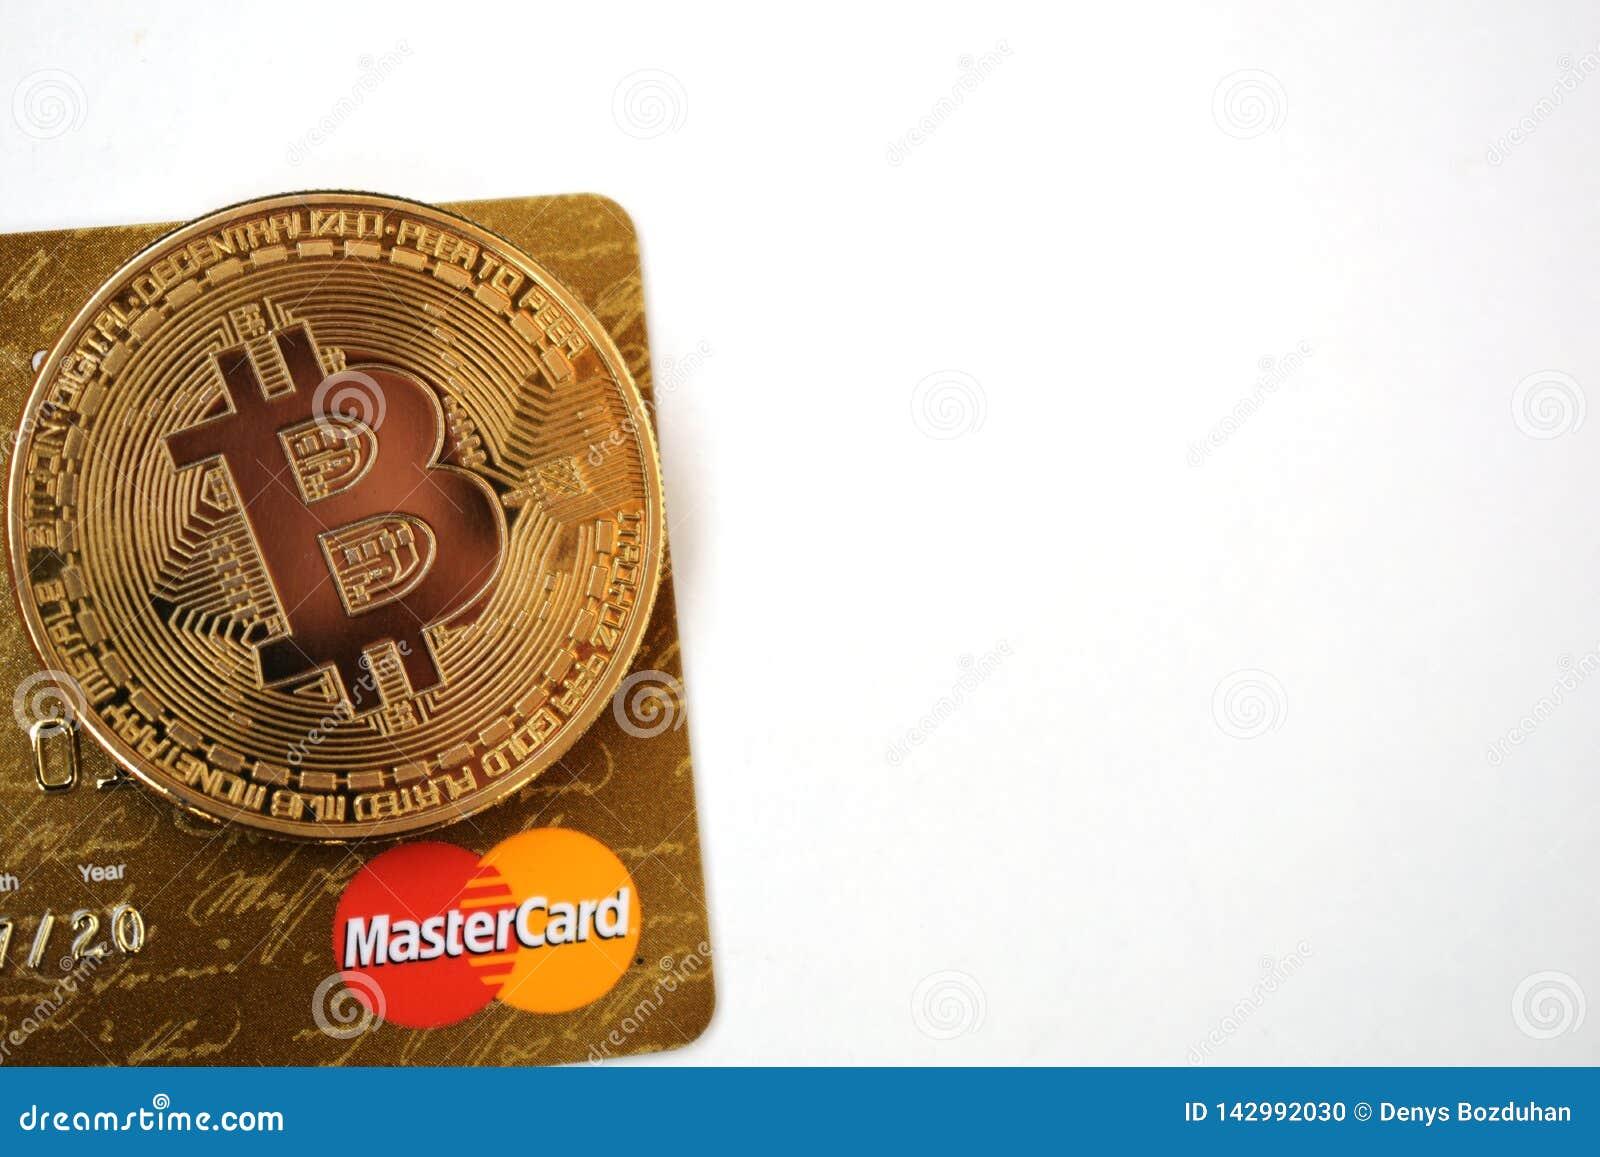 Bitcoin и Mastercard